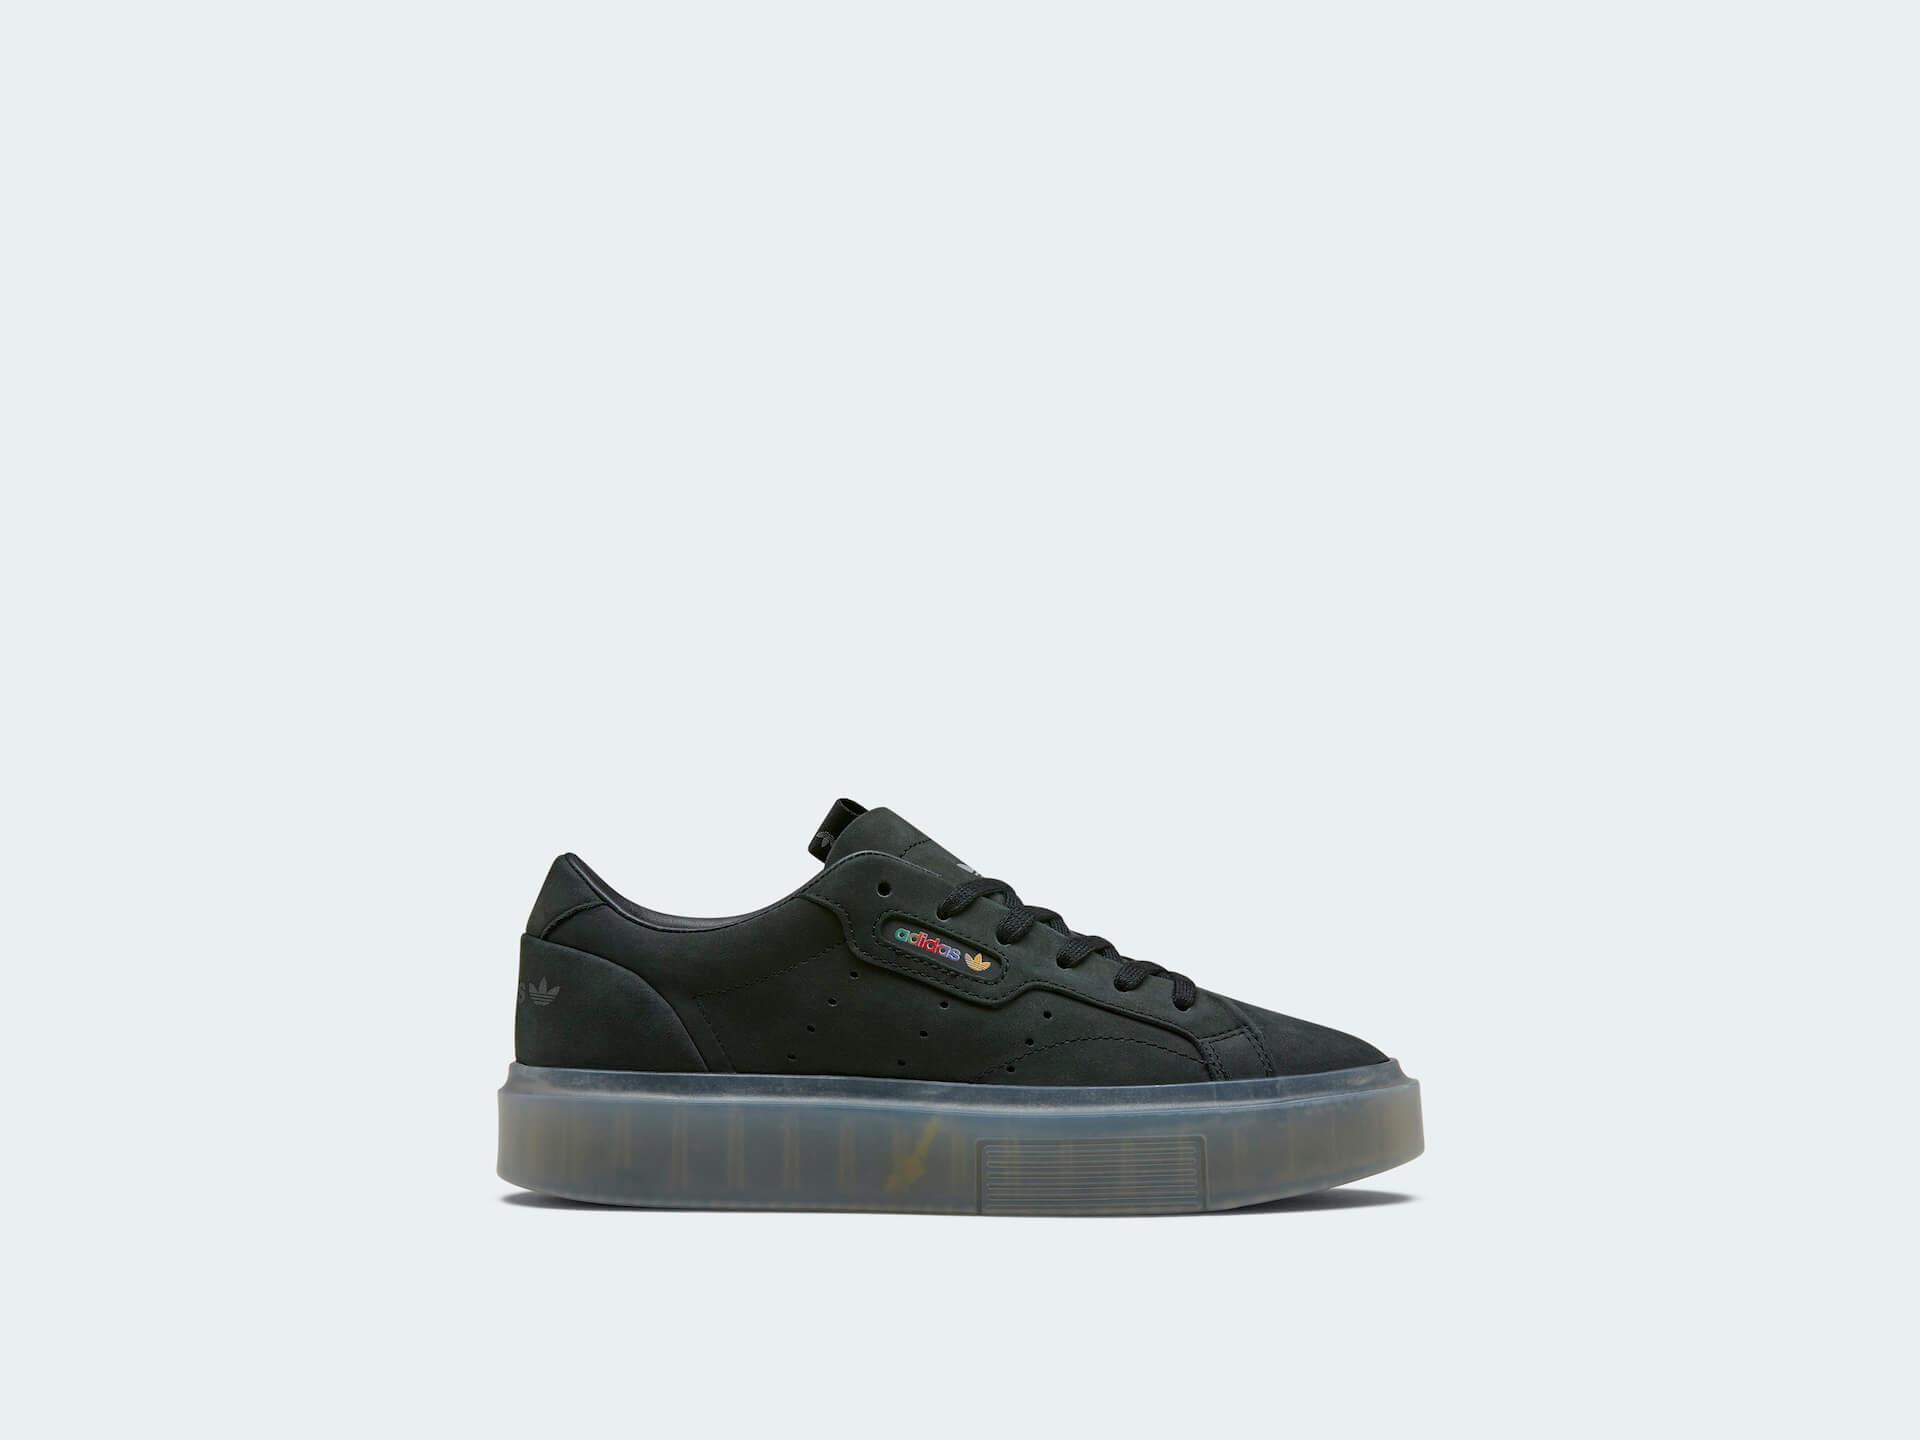 adidas Originals × Angel Chenのカプセルコレクションが登場!水泳や書道からインスパイアされたフットウェア4型 lf200529_adidas_angelchen_05